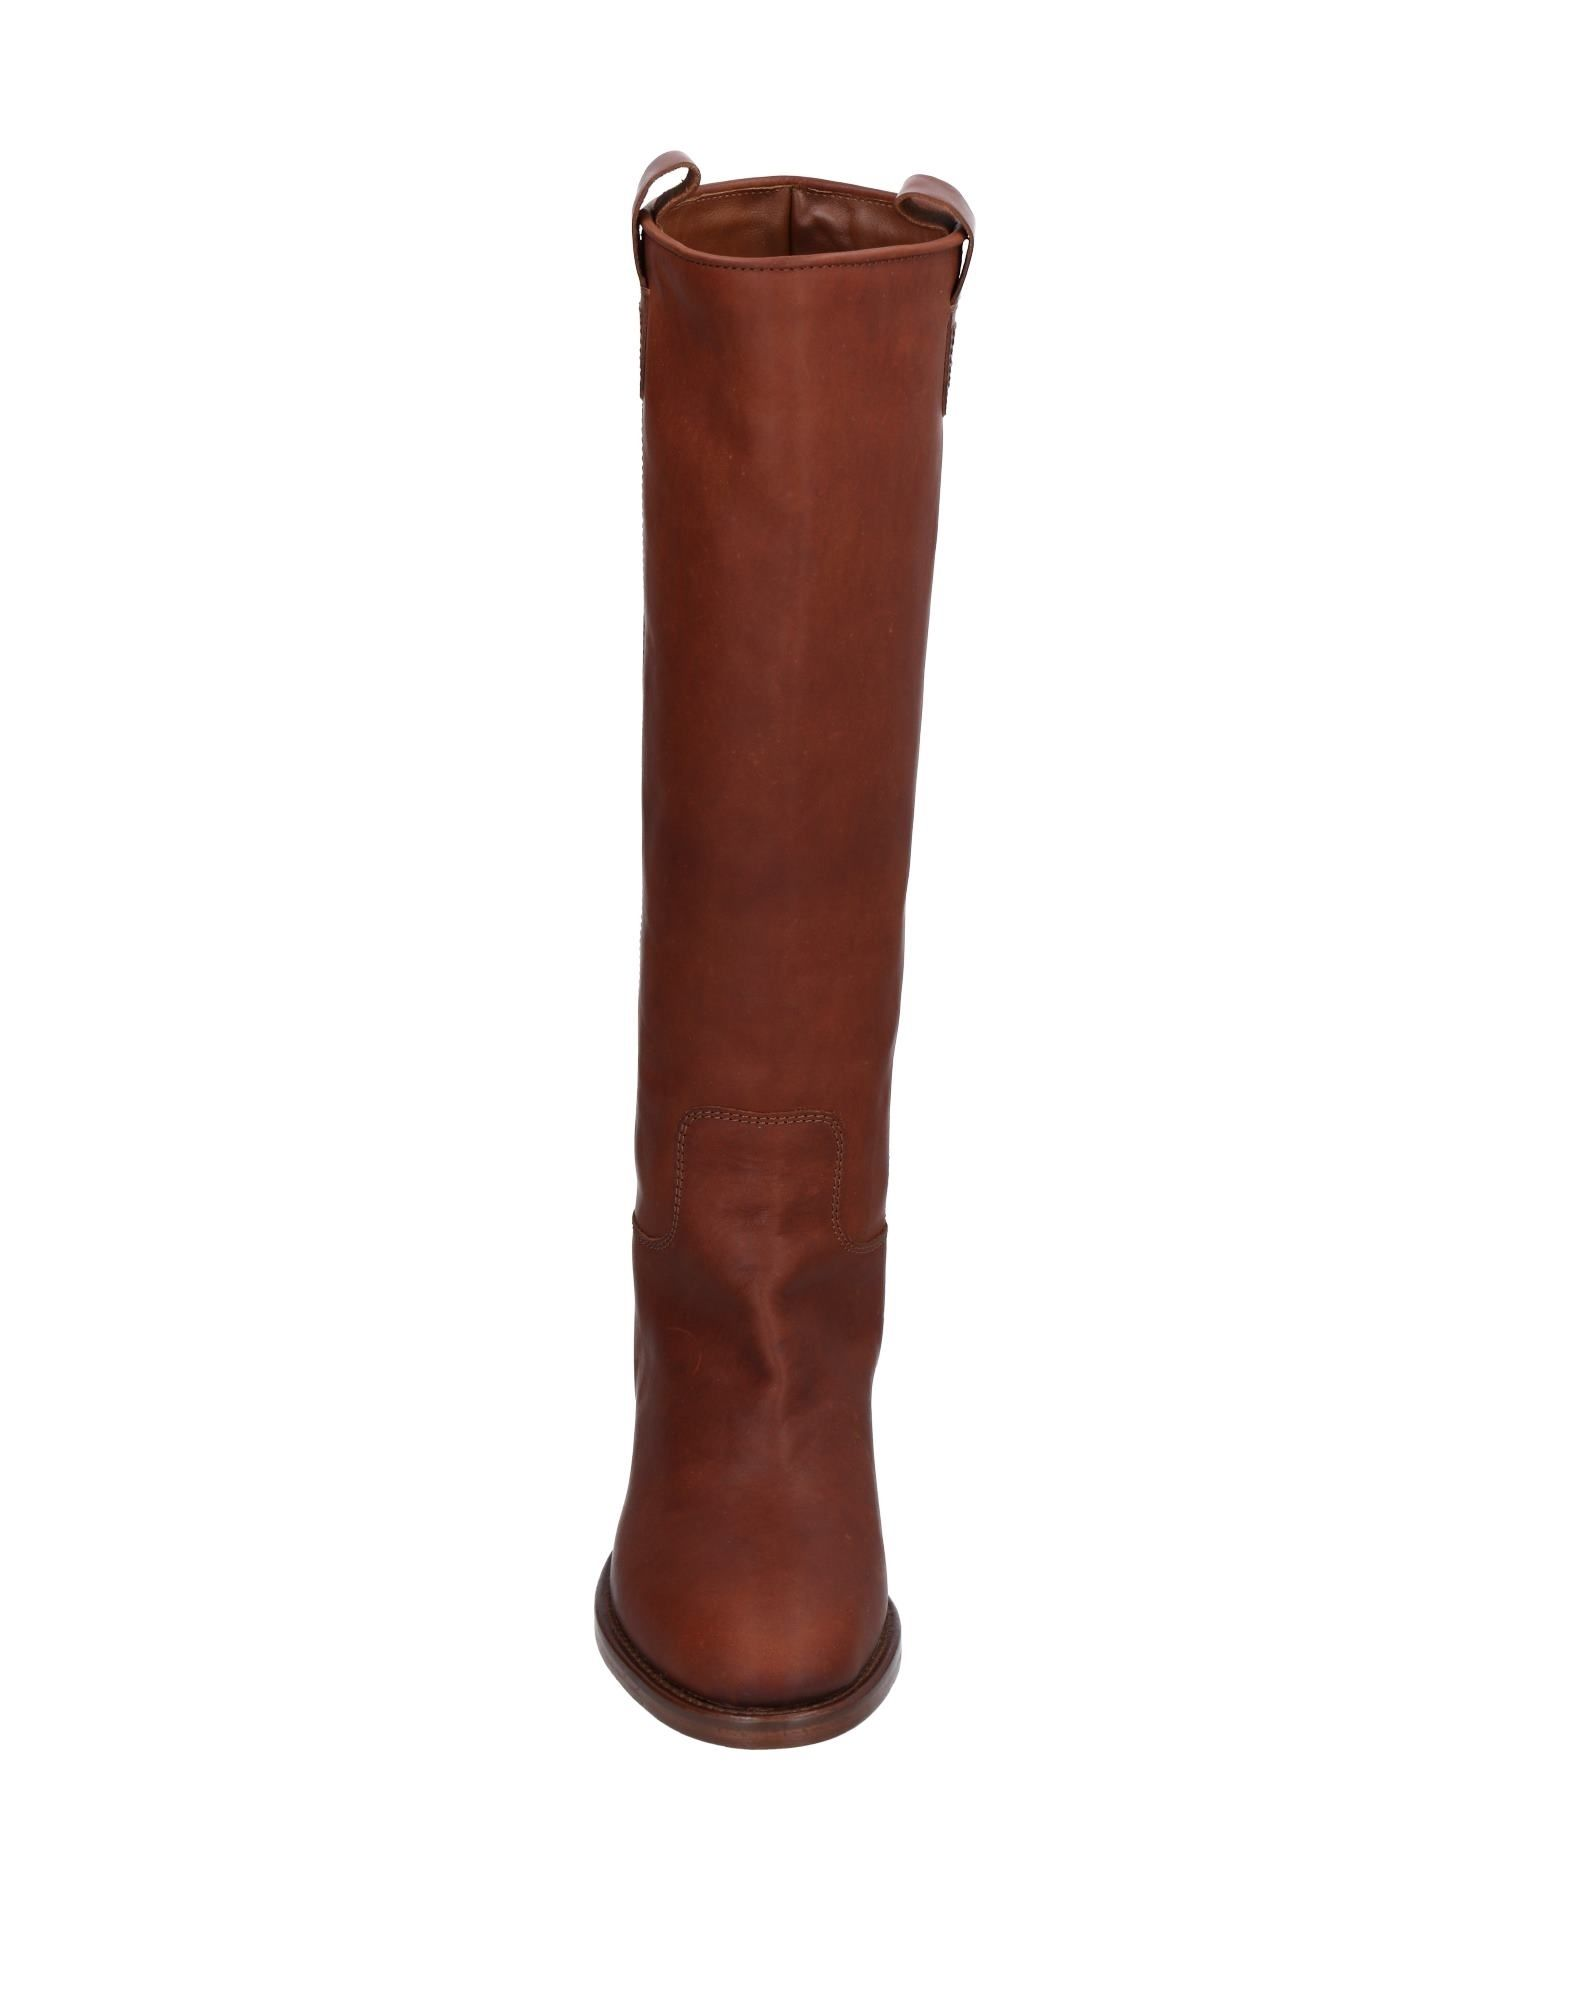 El El El Campero Stiefel Damen Gutes Preis-Leistungs-Verhältnis, es lohnt sich 2c6f02